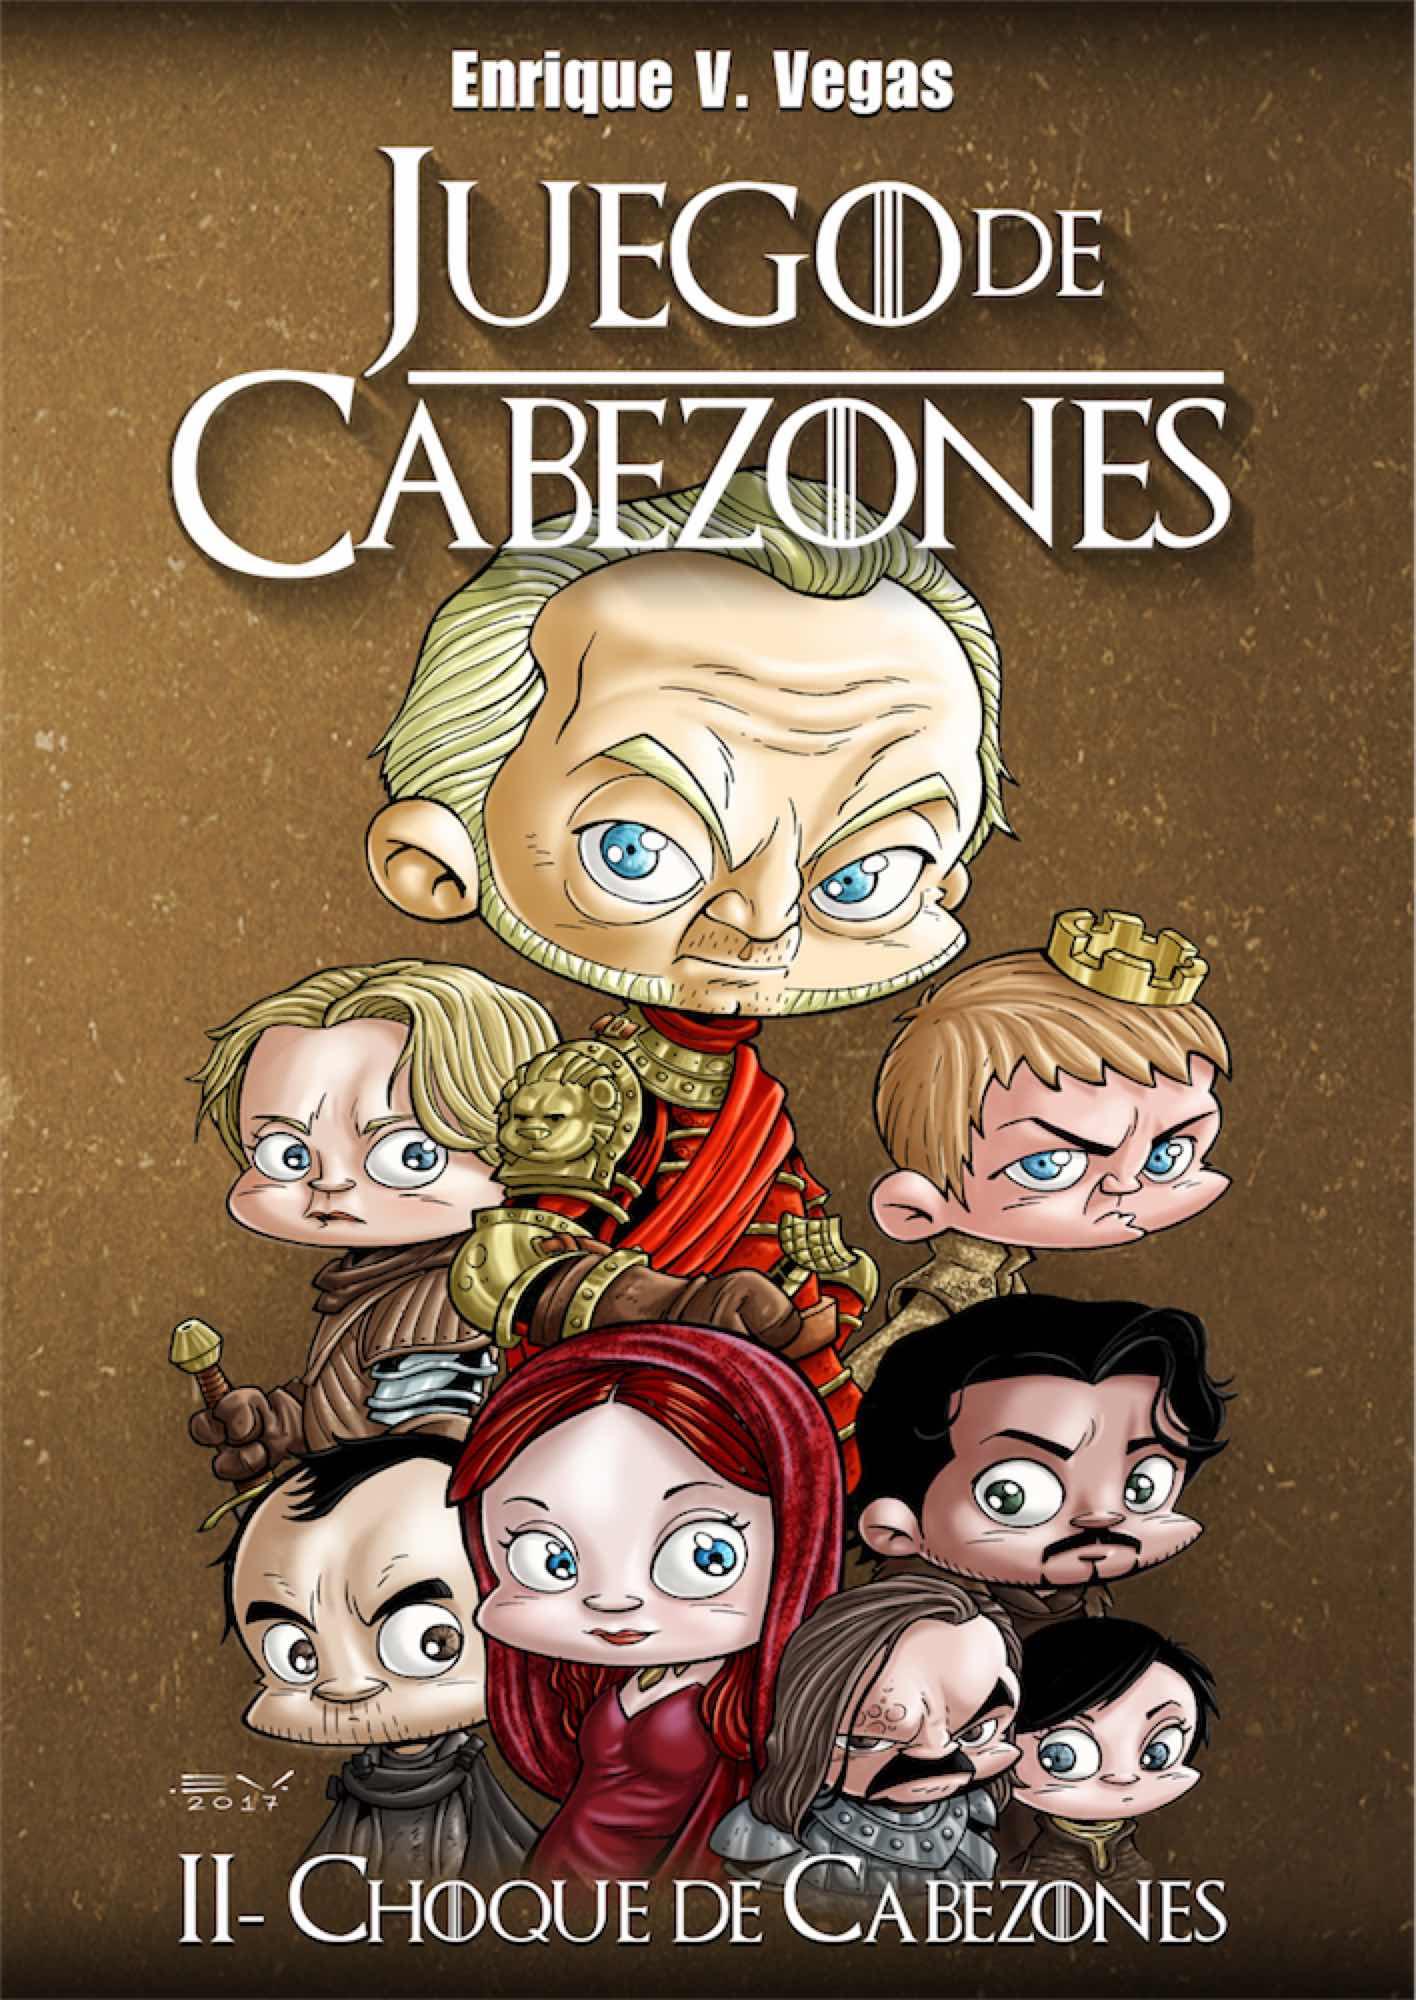 JUEGO DE CABEZONES 02. CHOQUE DE CABEZONES